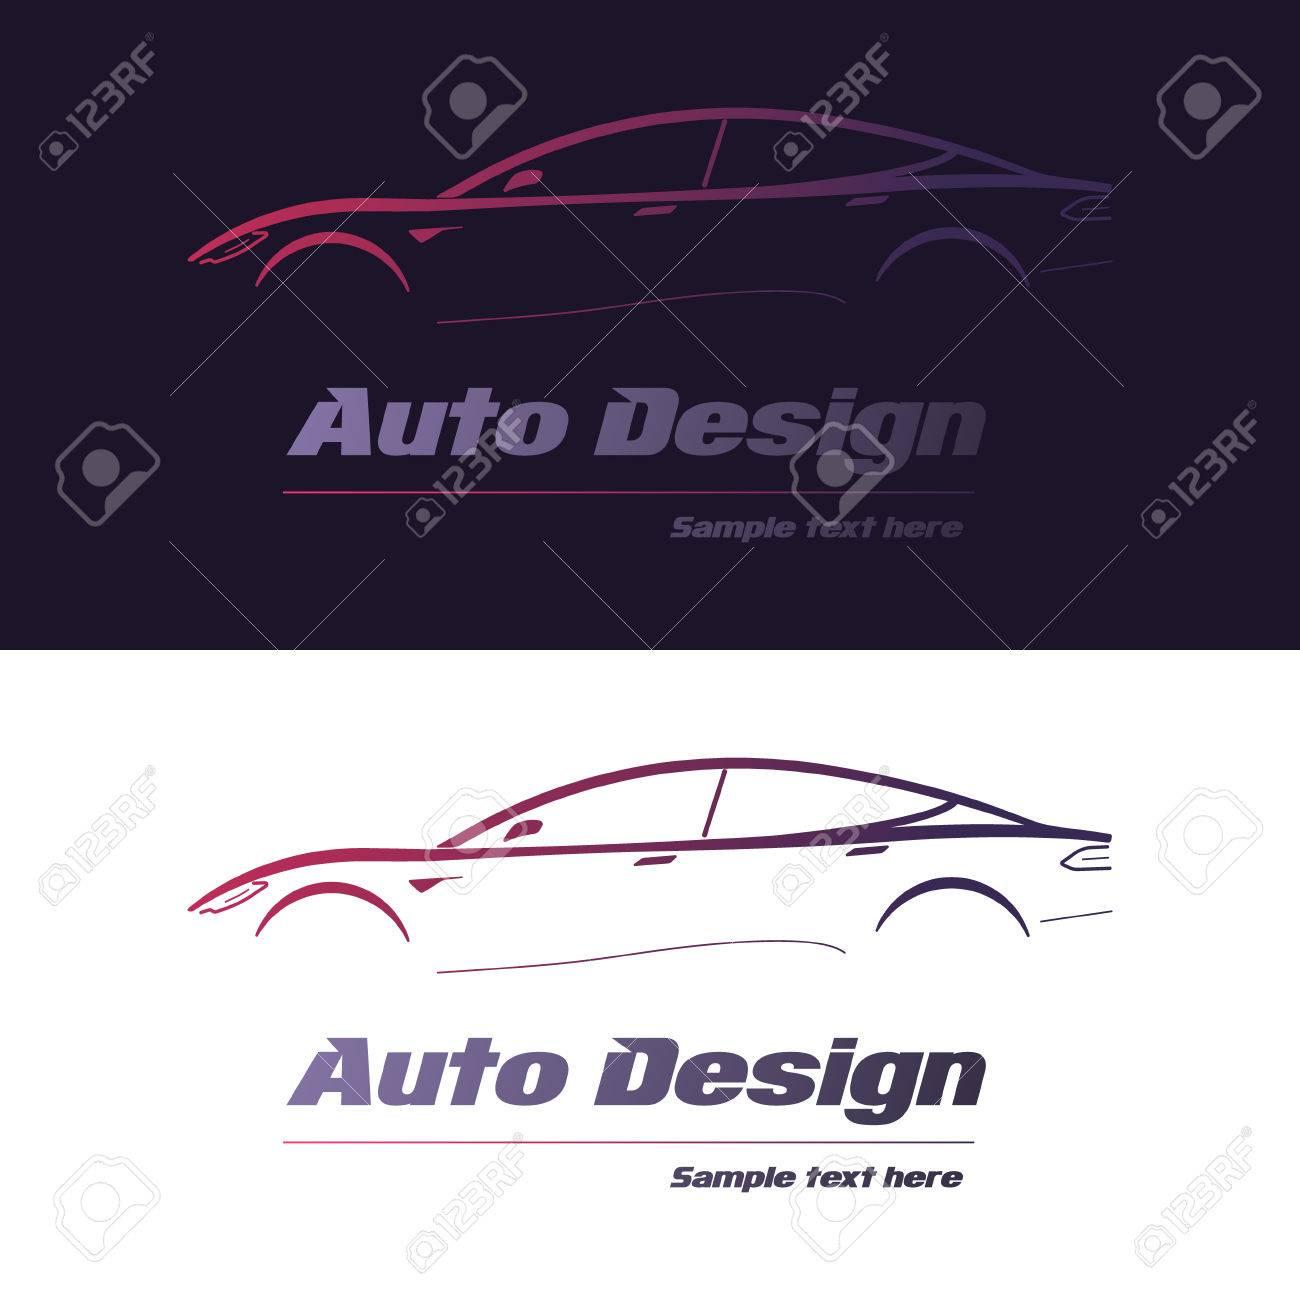 Ausgezeichnet Auto Design Vorlagen Bilder - Beispiel Business ...